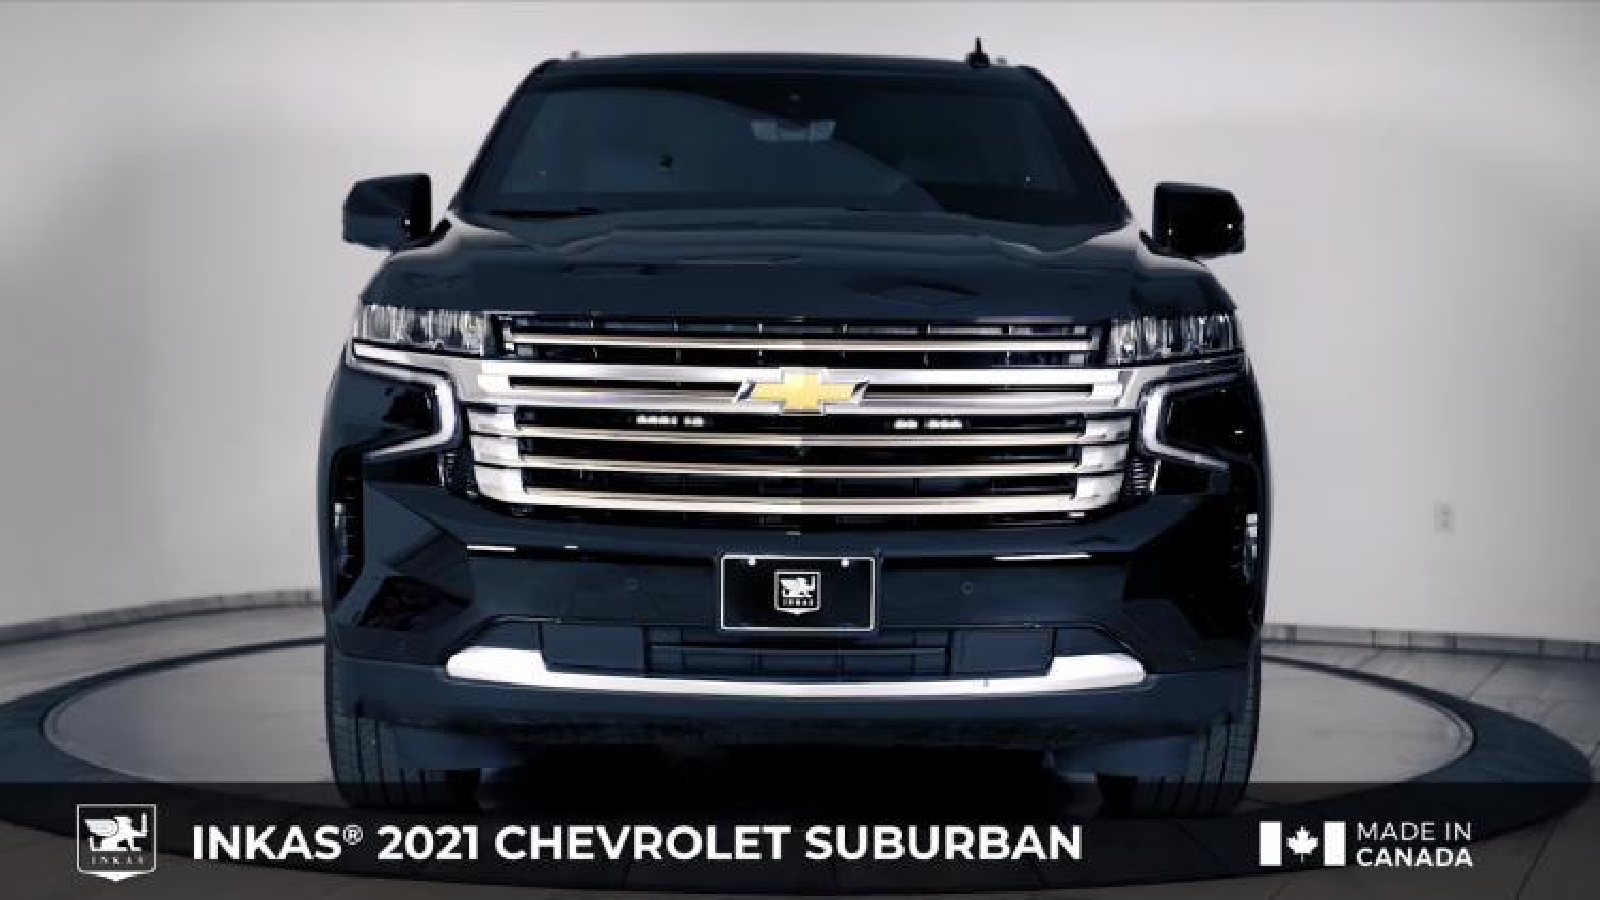 Khám phá Chevrolet Suburban 2021 chống đạn AK-47 và lựu đạn